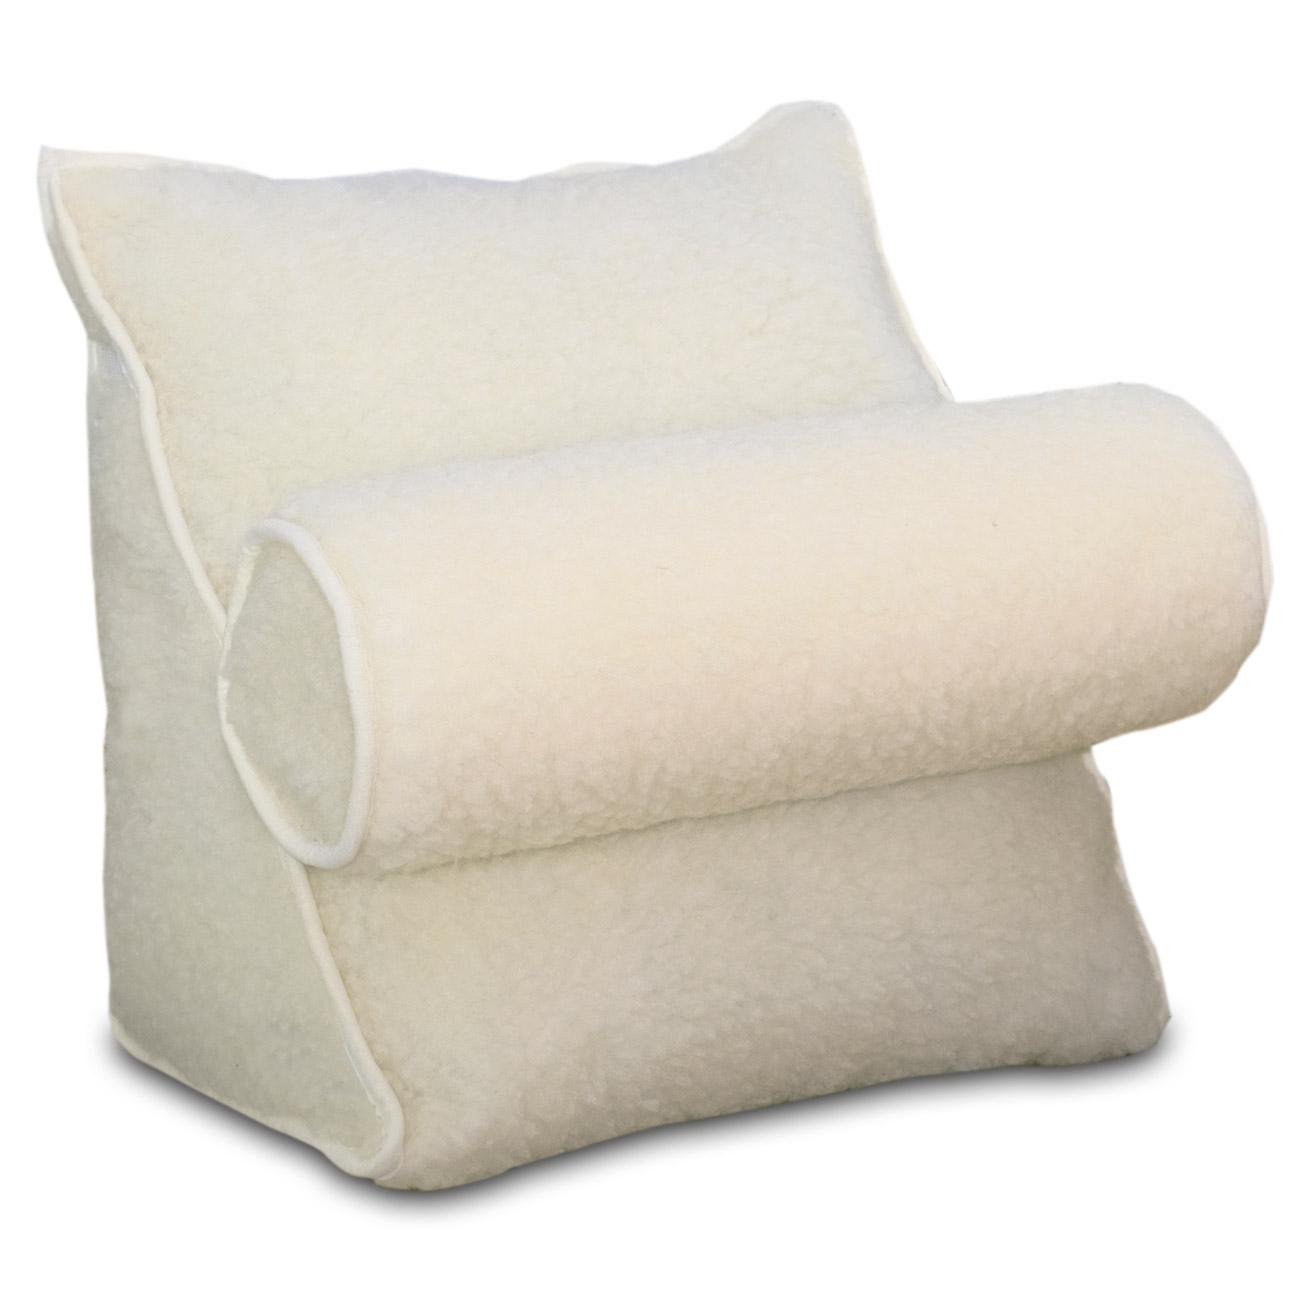 Mit dem Klettband können Sie die Nackenrolle in 3 unterschiedlichen Position am Kissen befestigen.